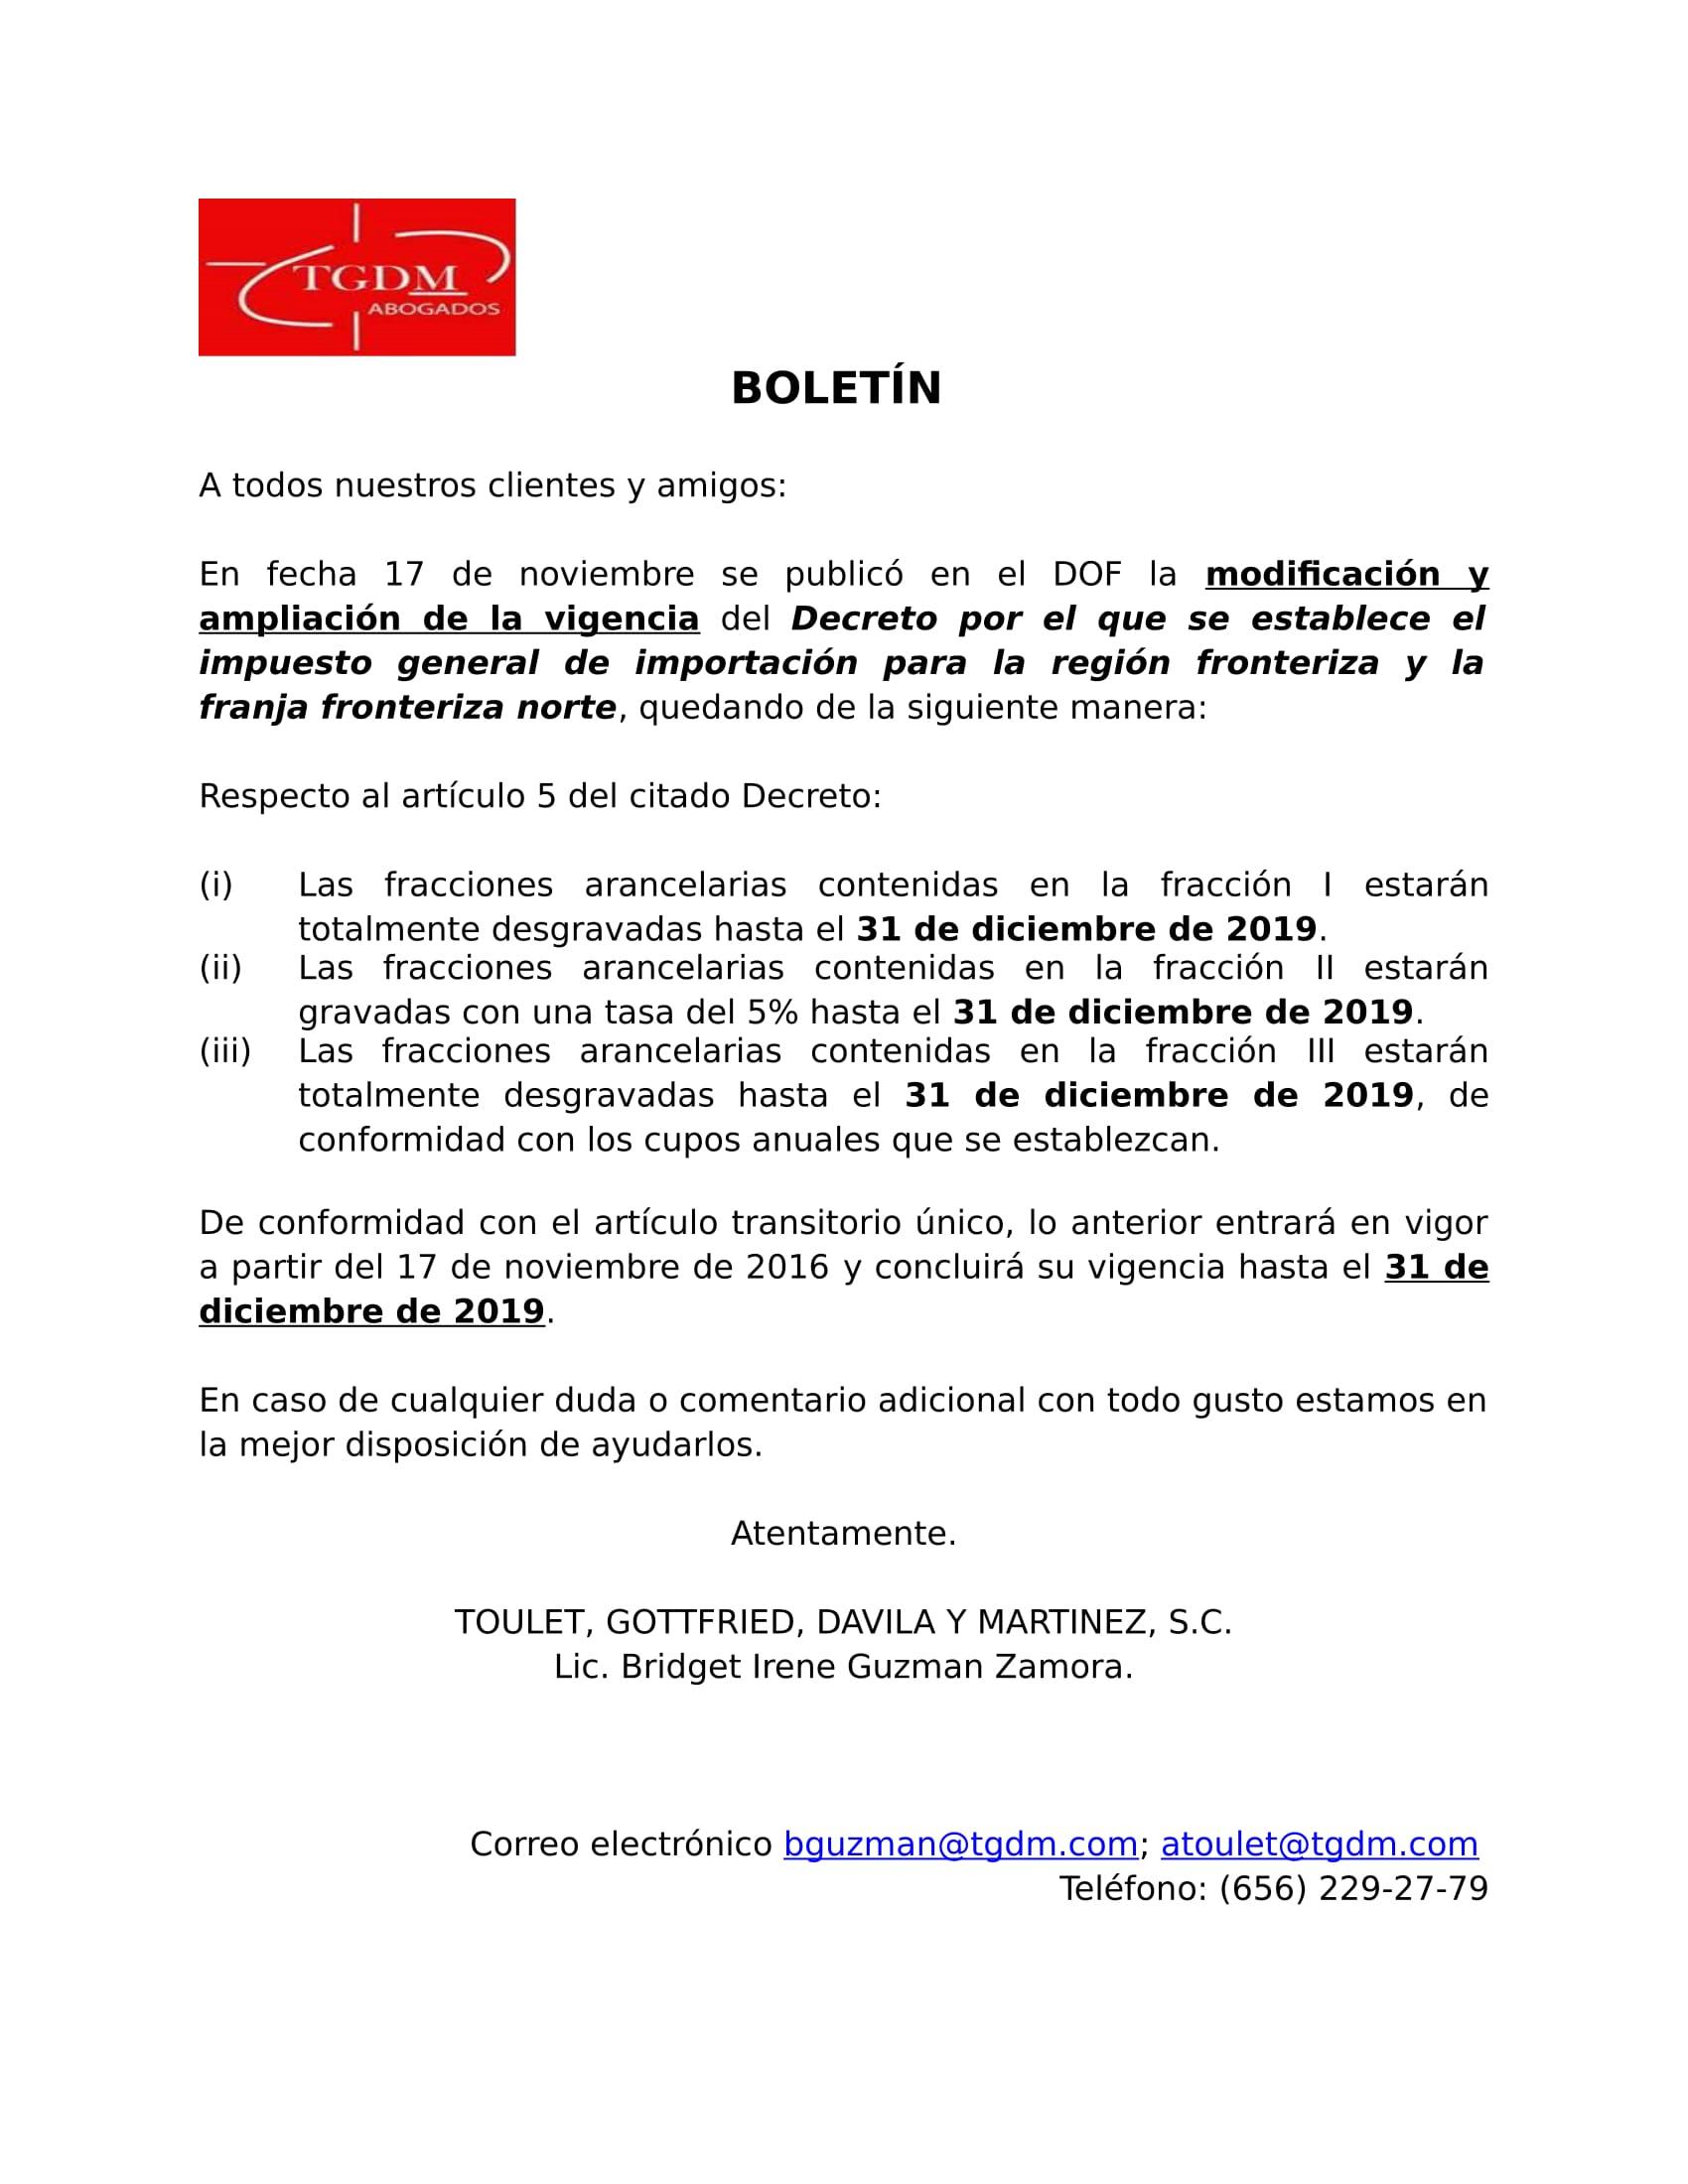 boletin-17-de-noviembre-de-2016-1